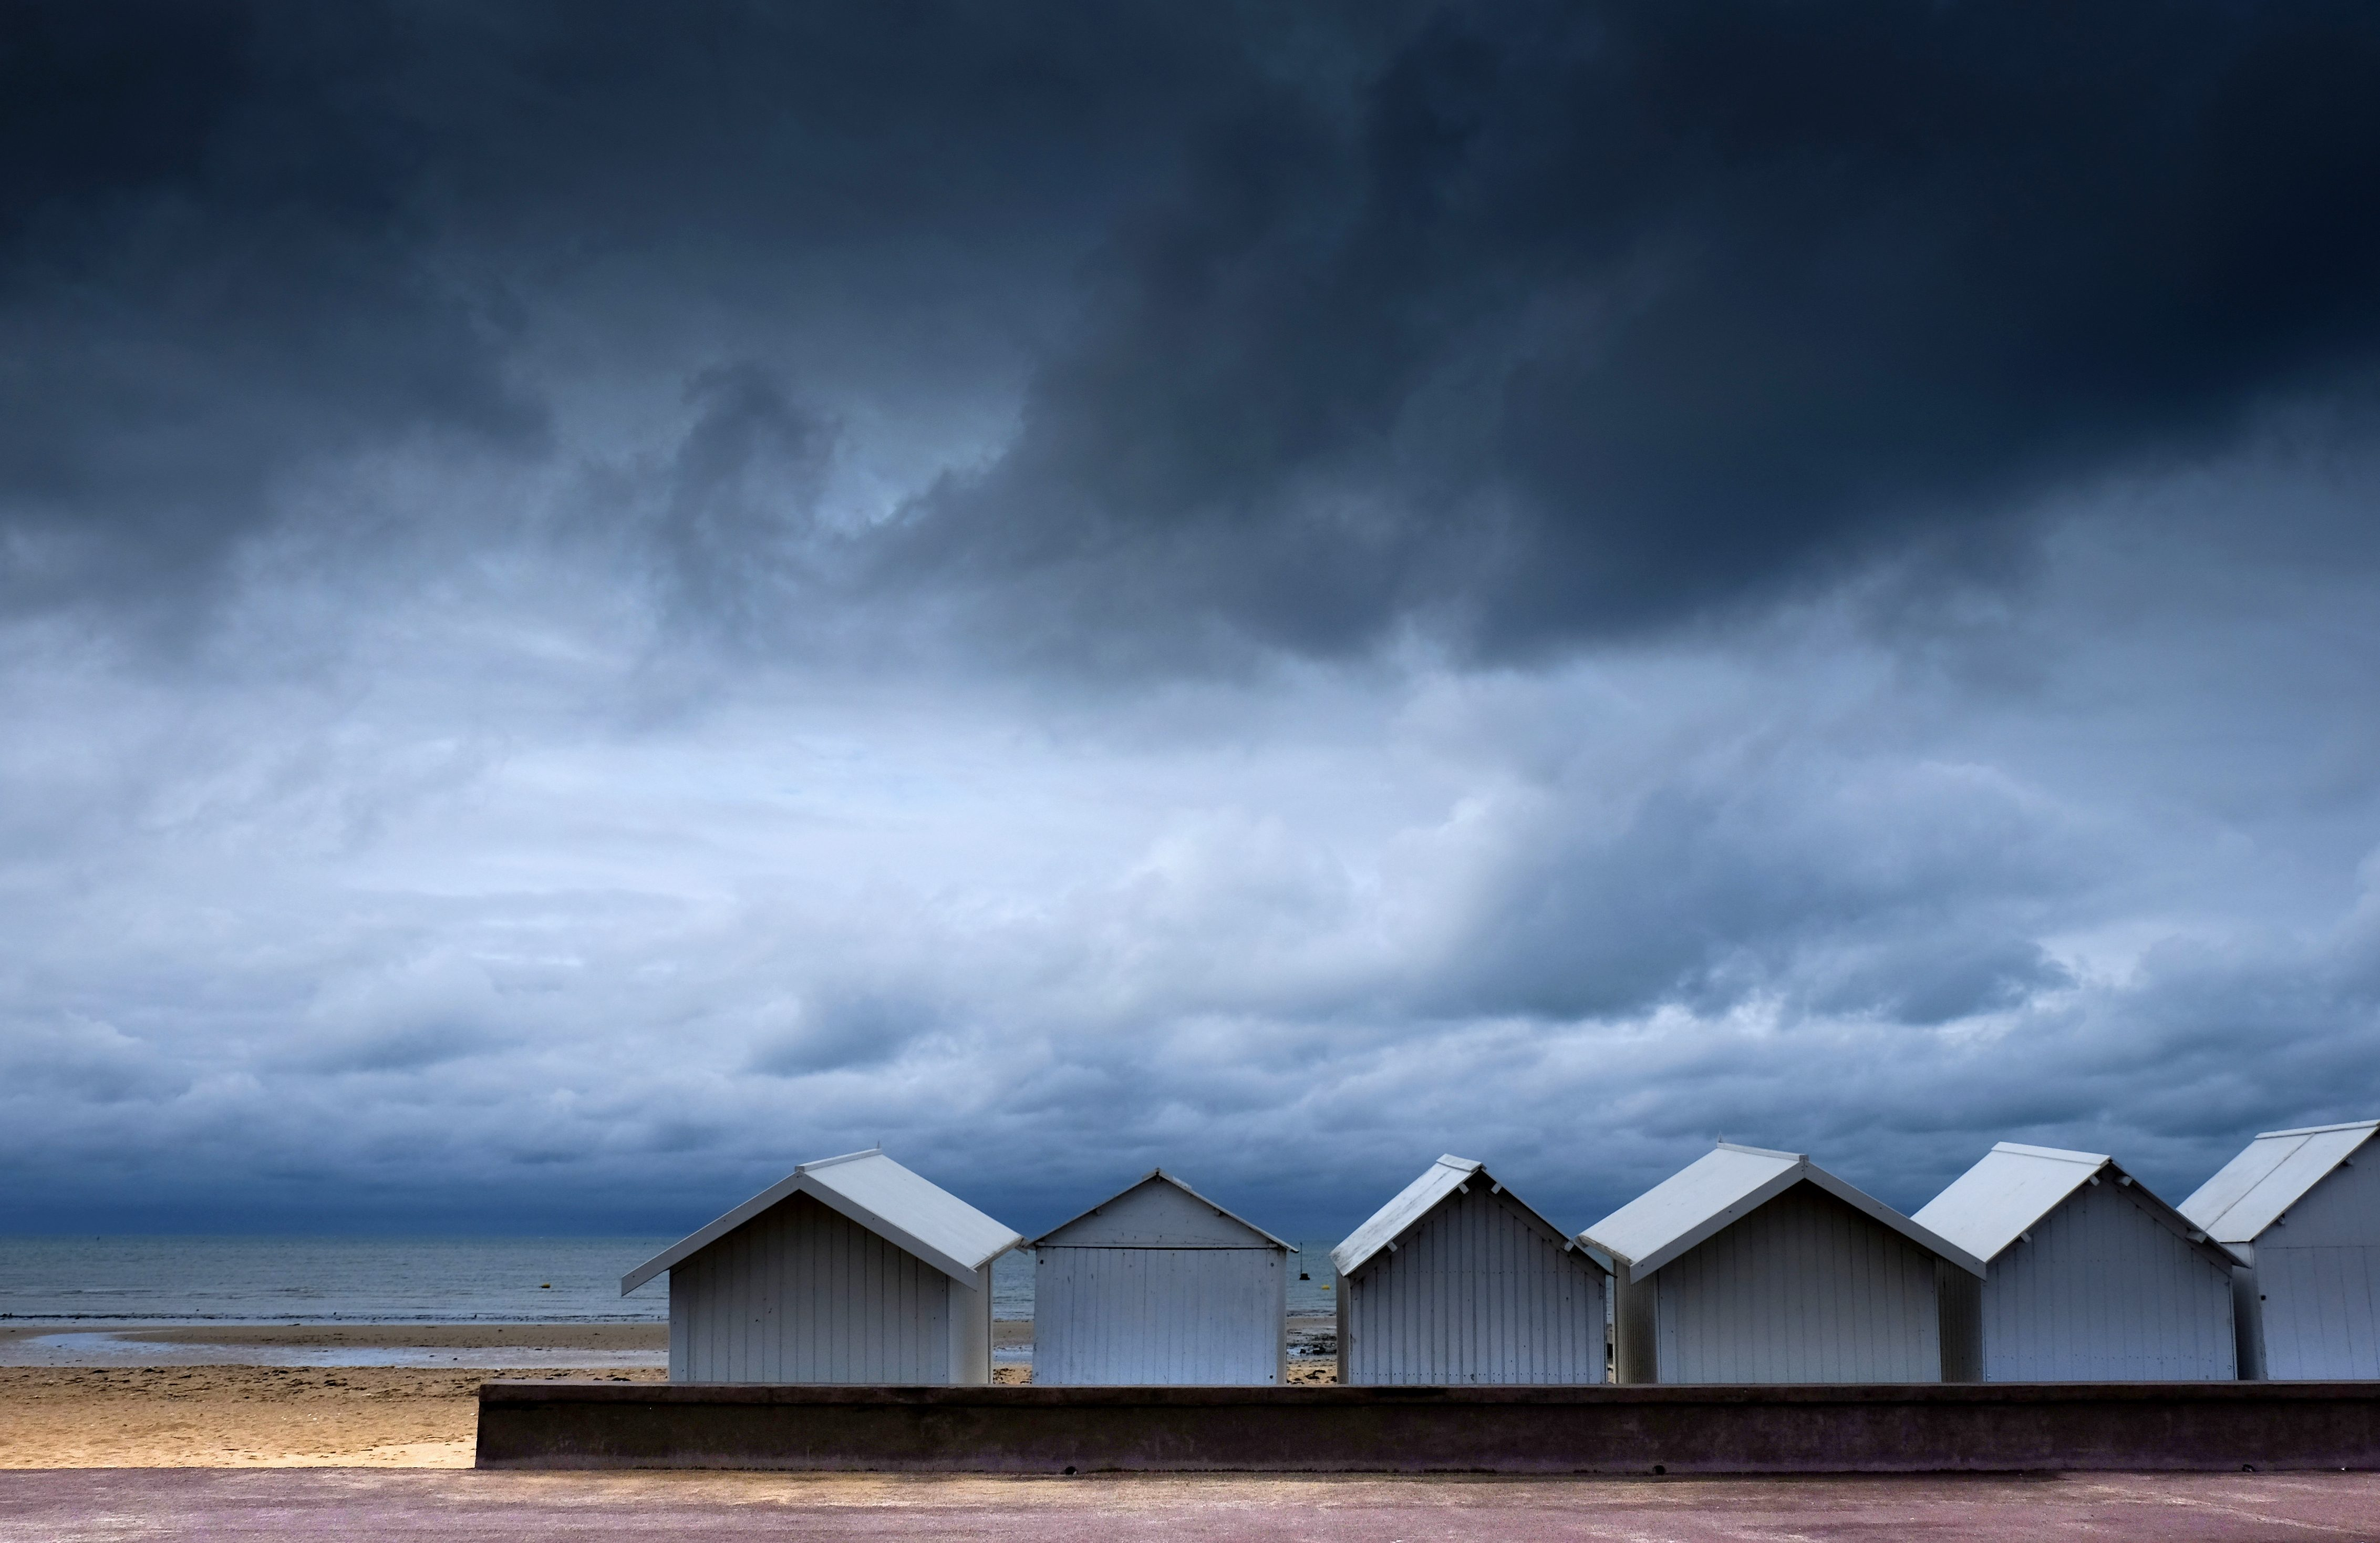 Les cabines de plage en septembre